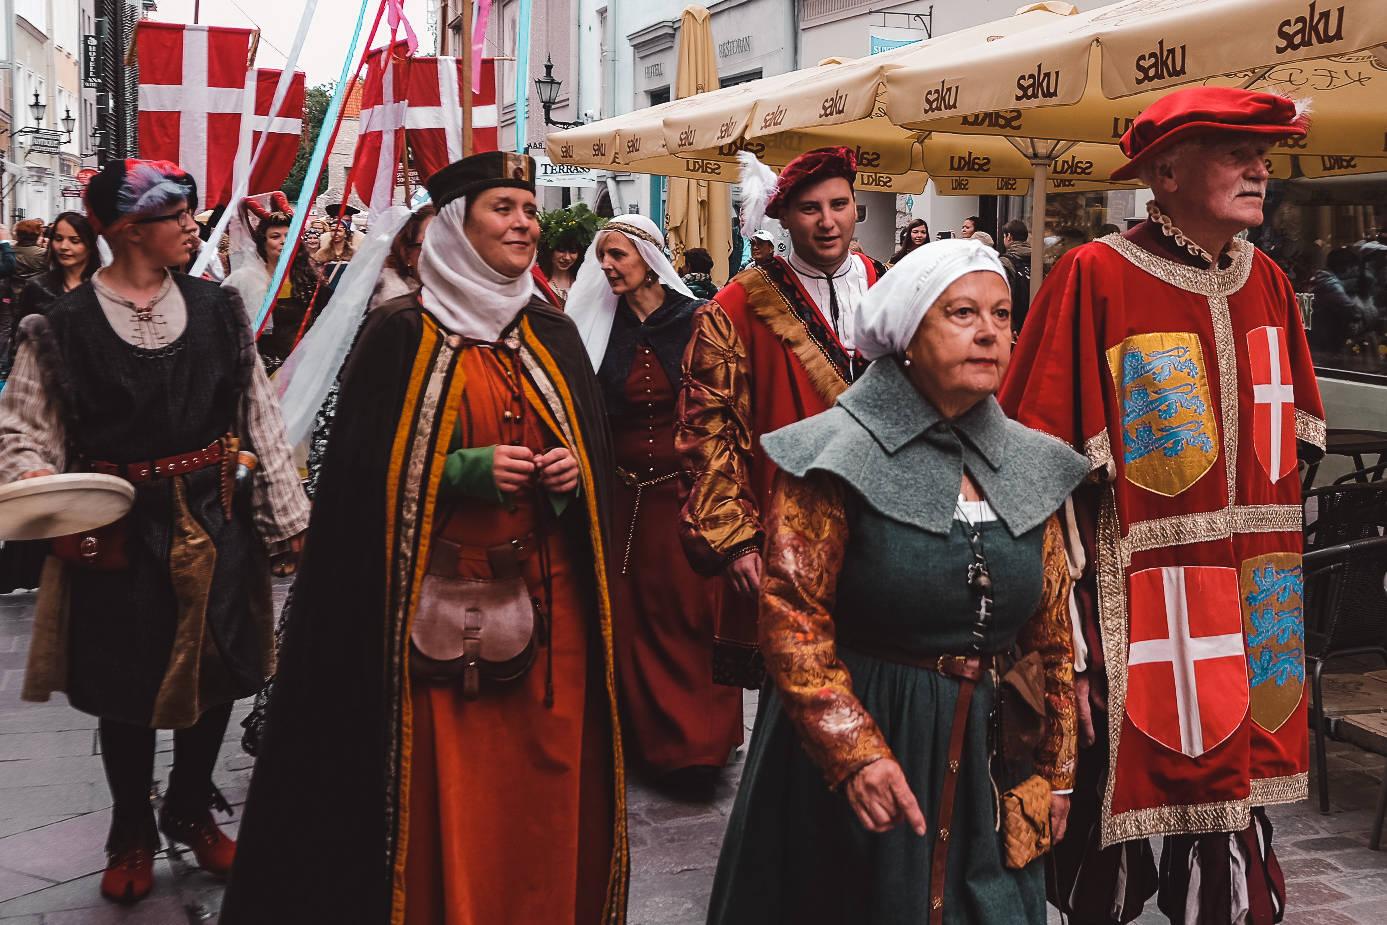 Keskiaikapäivät Tallinnassa